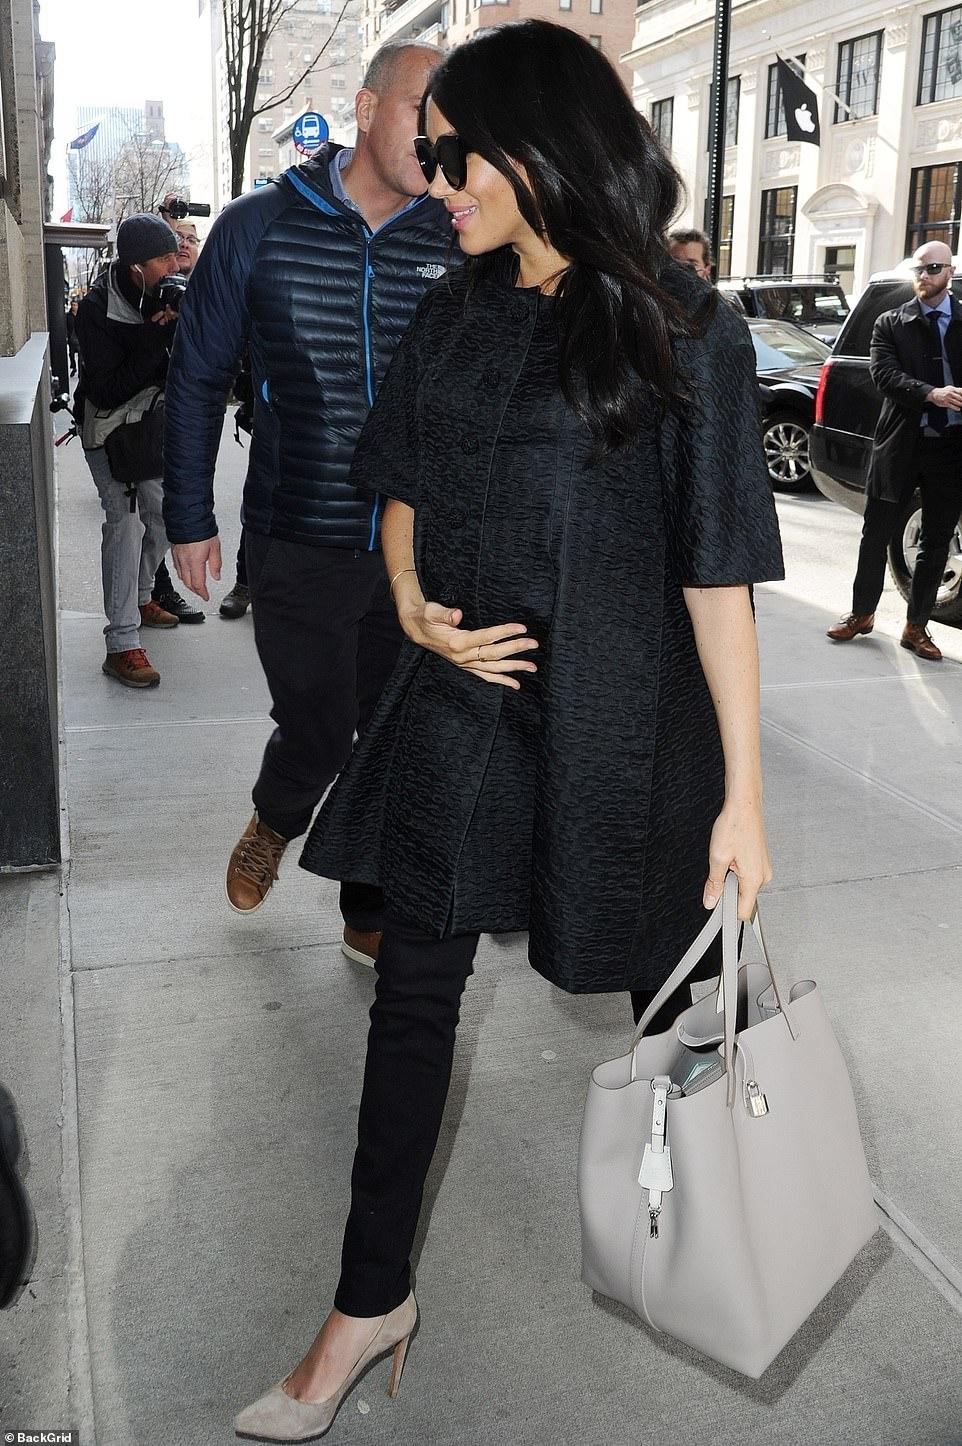 Меган Маркл на фото возле отеля в Нью-Йорке, где организовали вечеринку baby shower